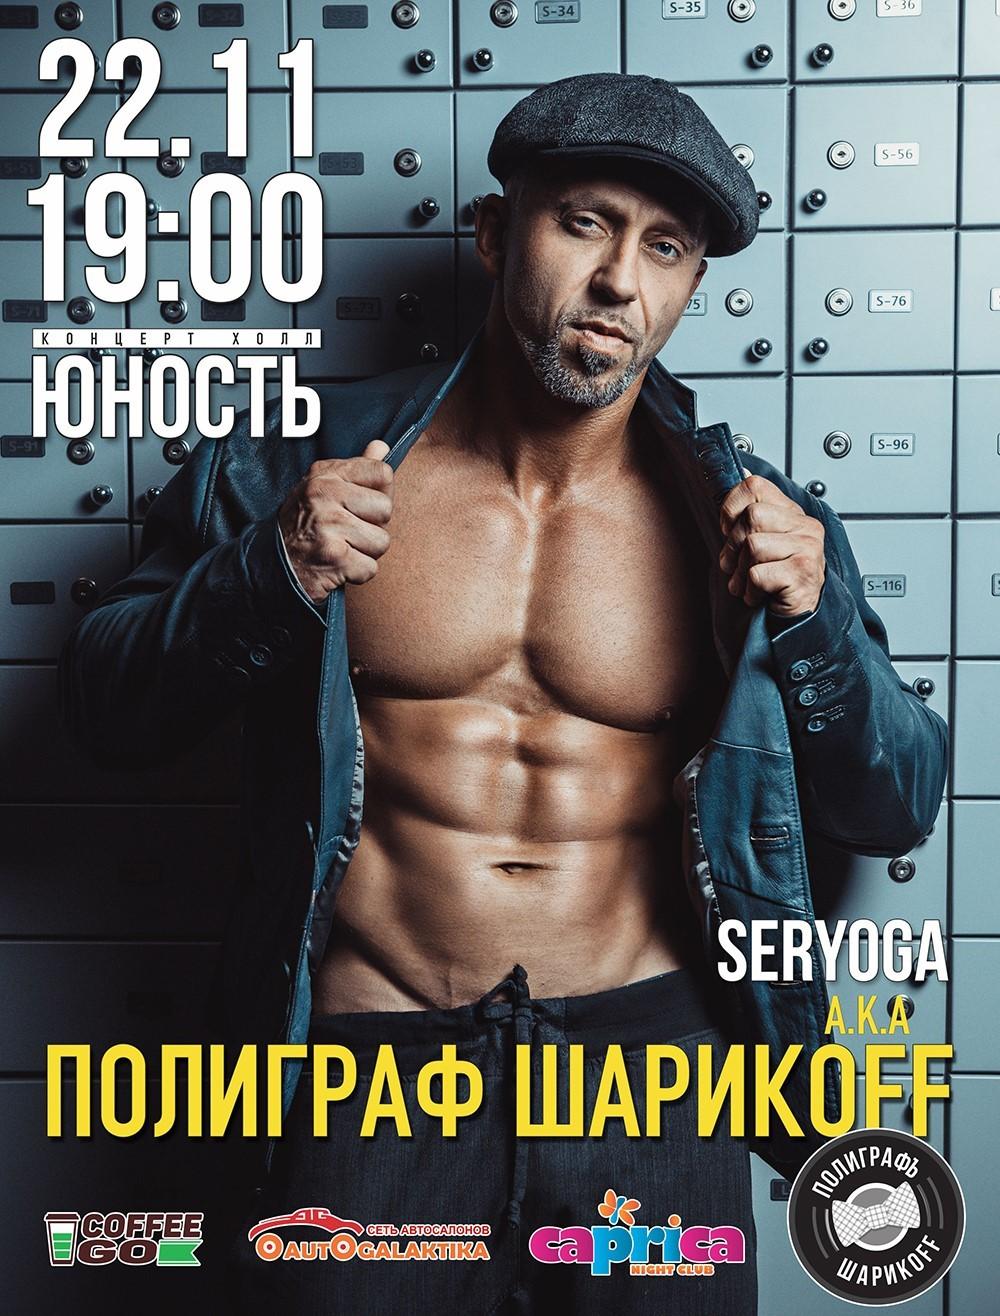 Серёга А.К.А. ПОЛИГРАФ ШАРИКОFF